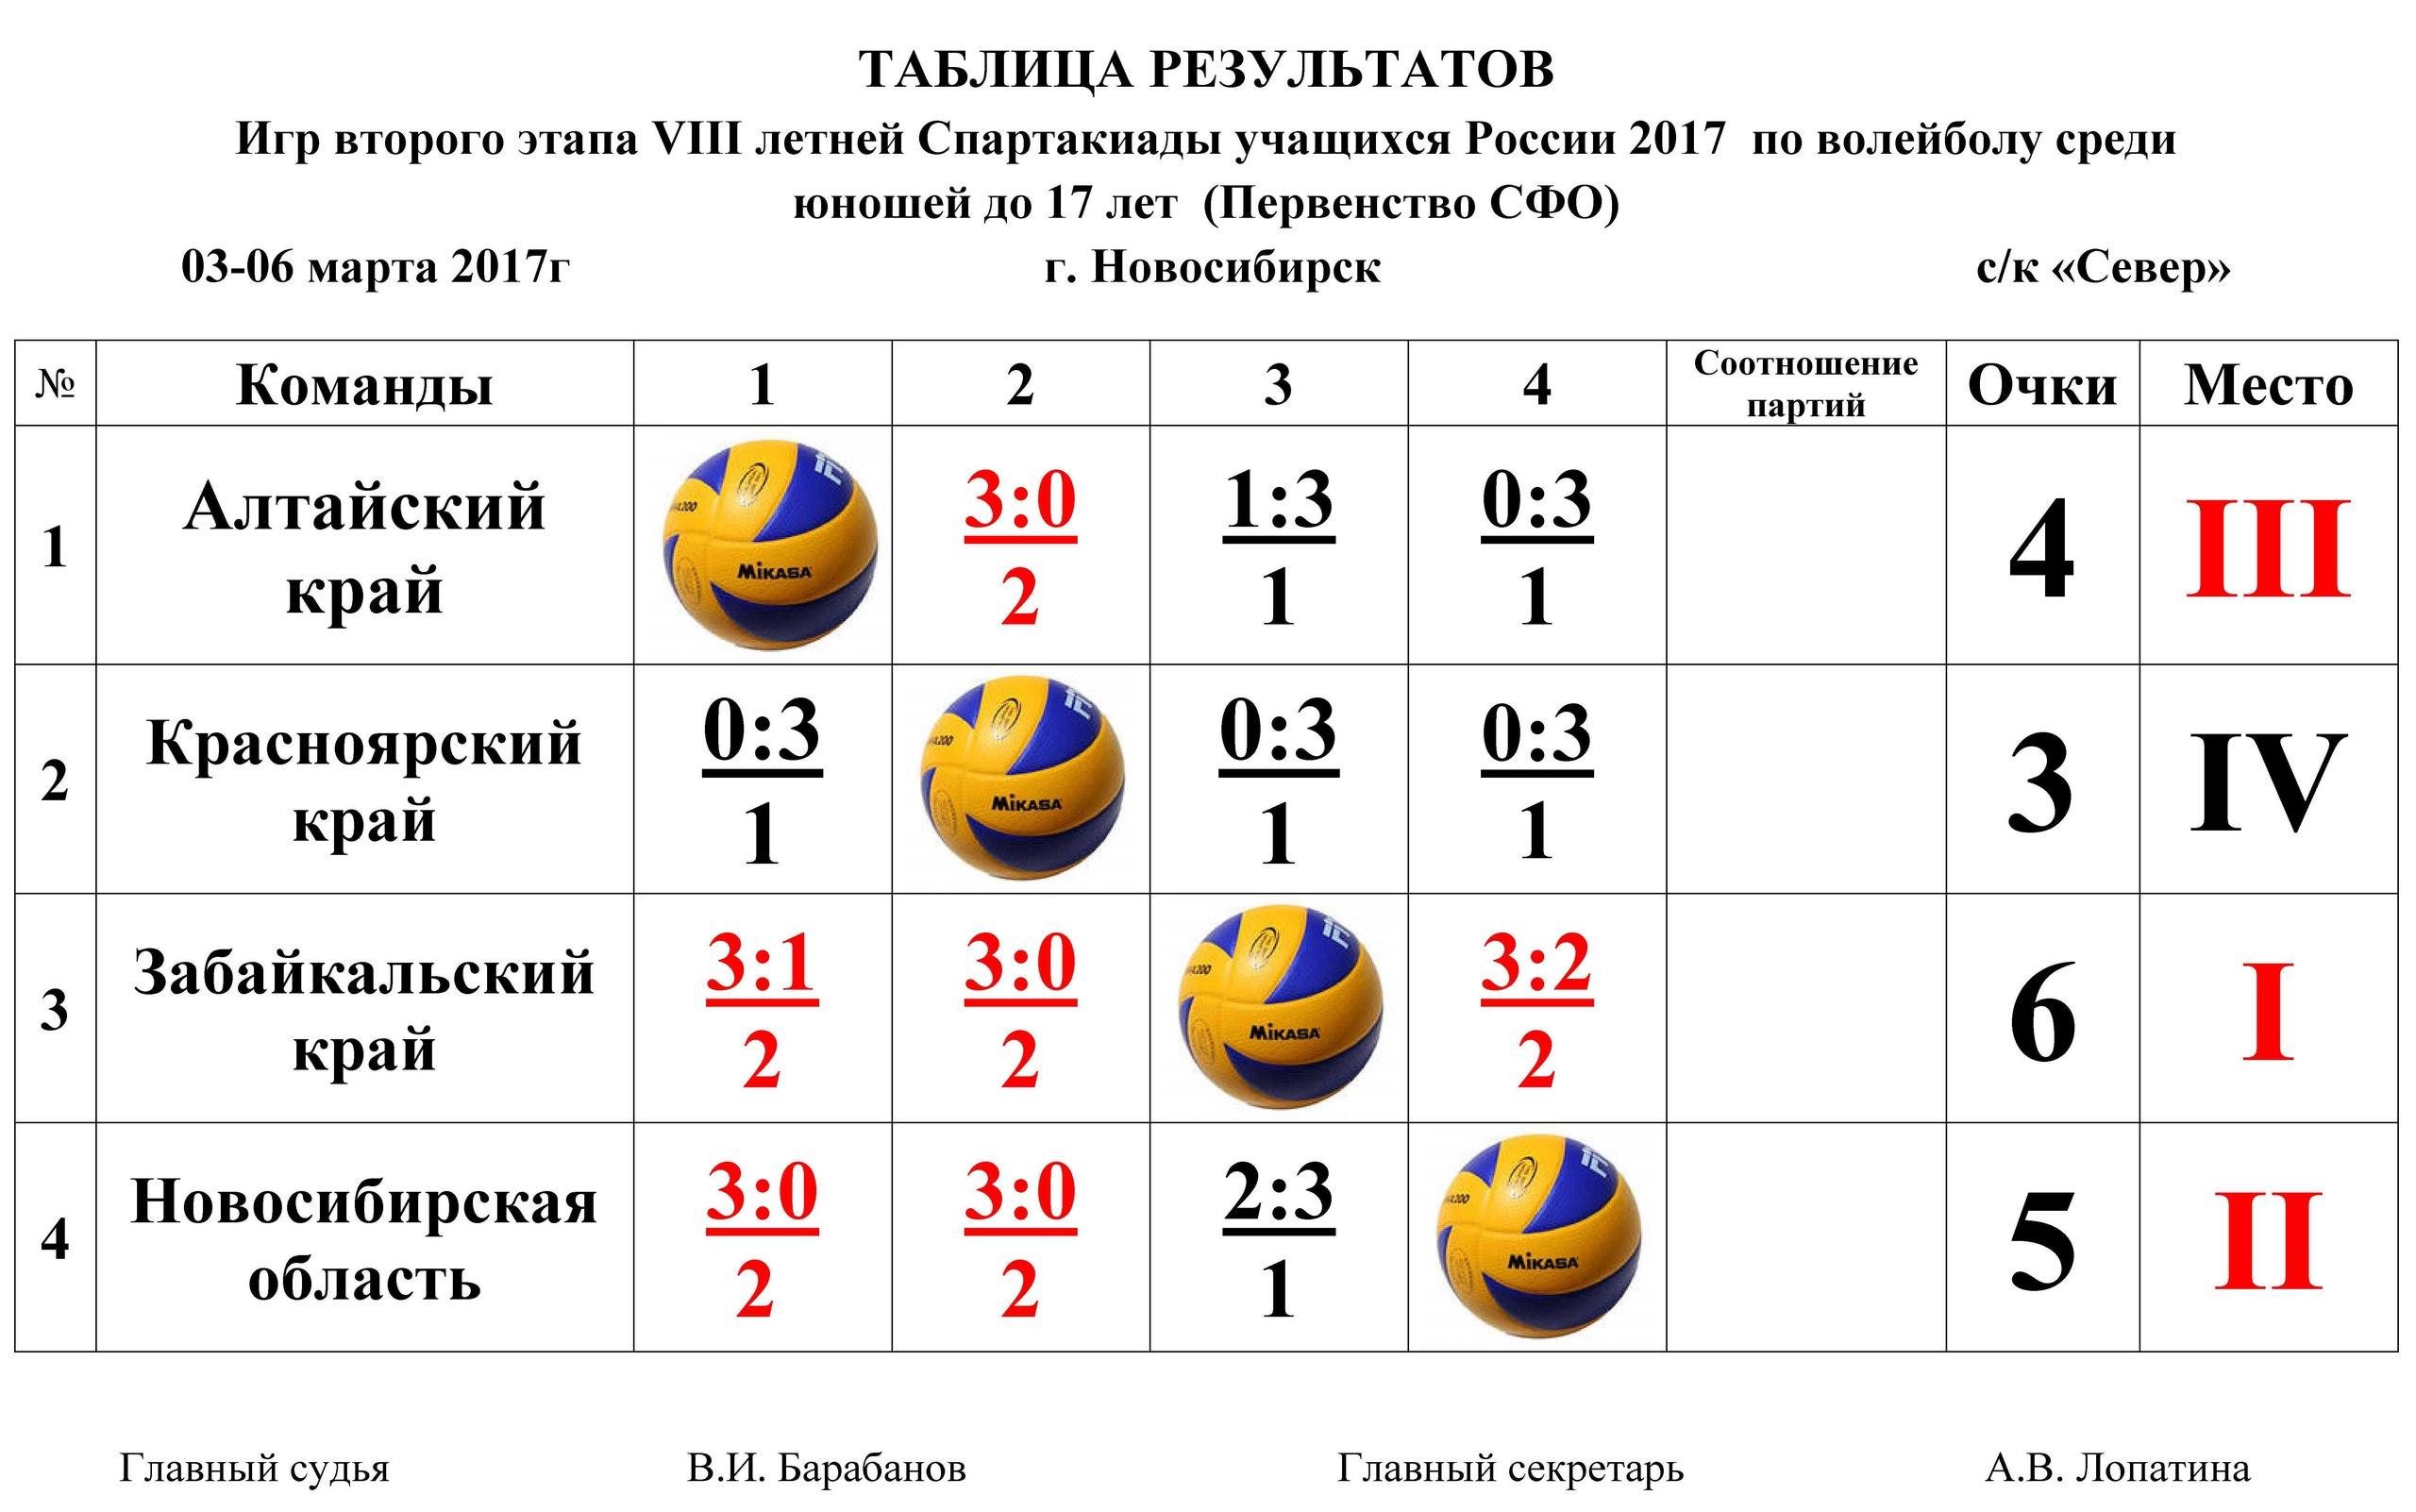 Таблица результатов второго этапа VIII летней Спартакиады учащихся России 2017 среди юношей до 17 лет (Первенство СФО) по волейболу